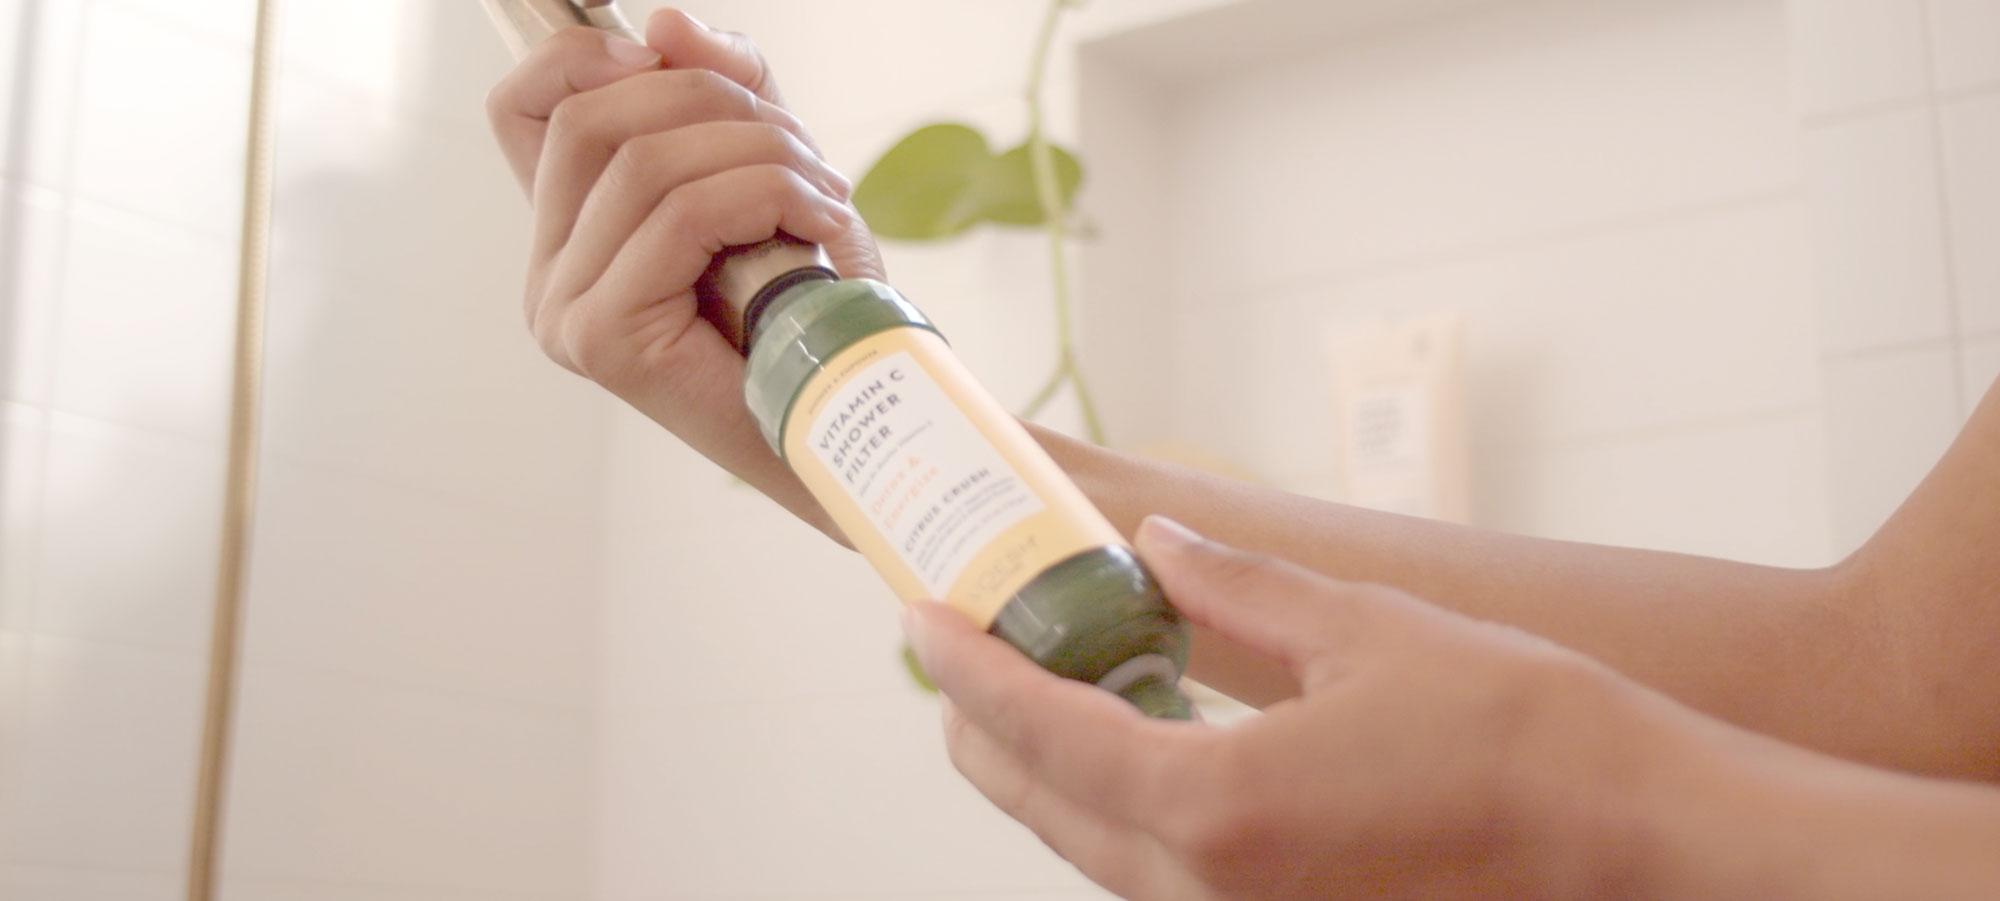 Citrus Crush Vitamin C Shower Filter